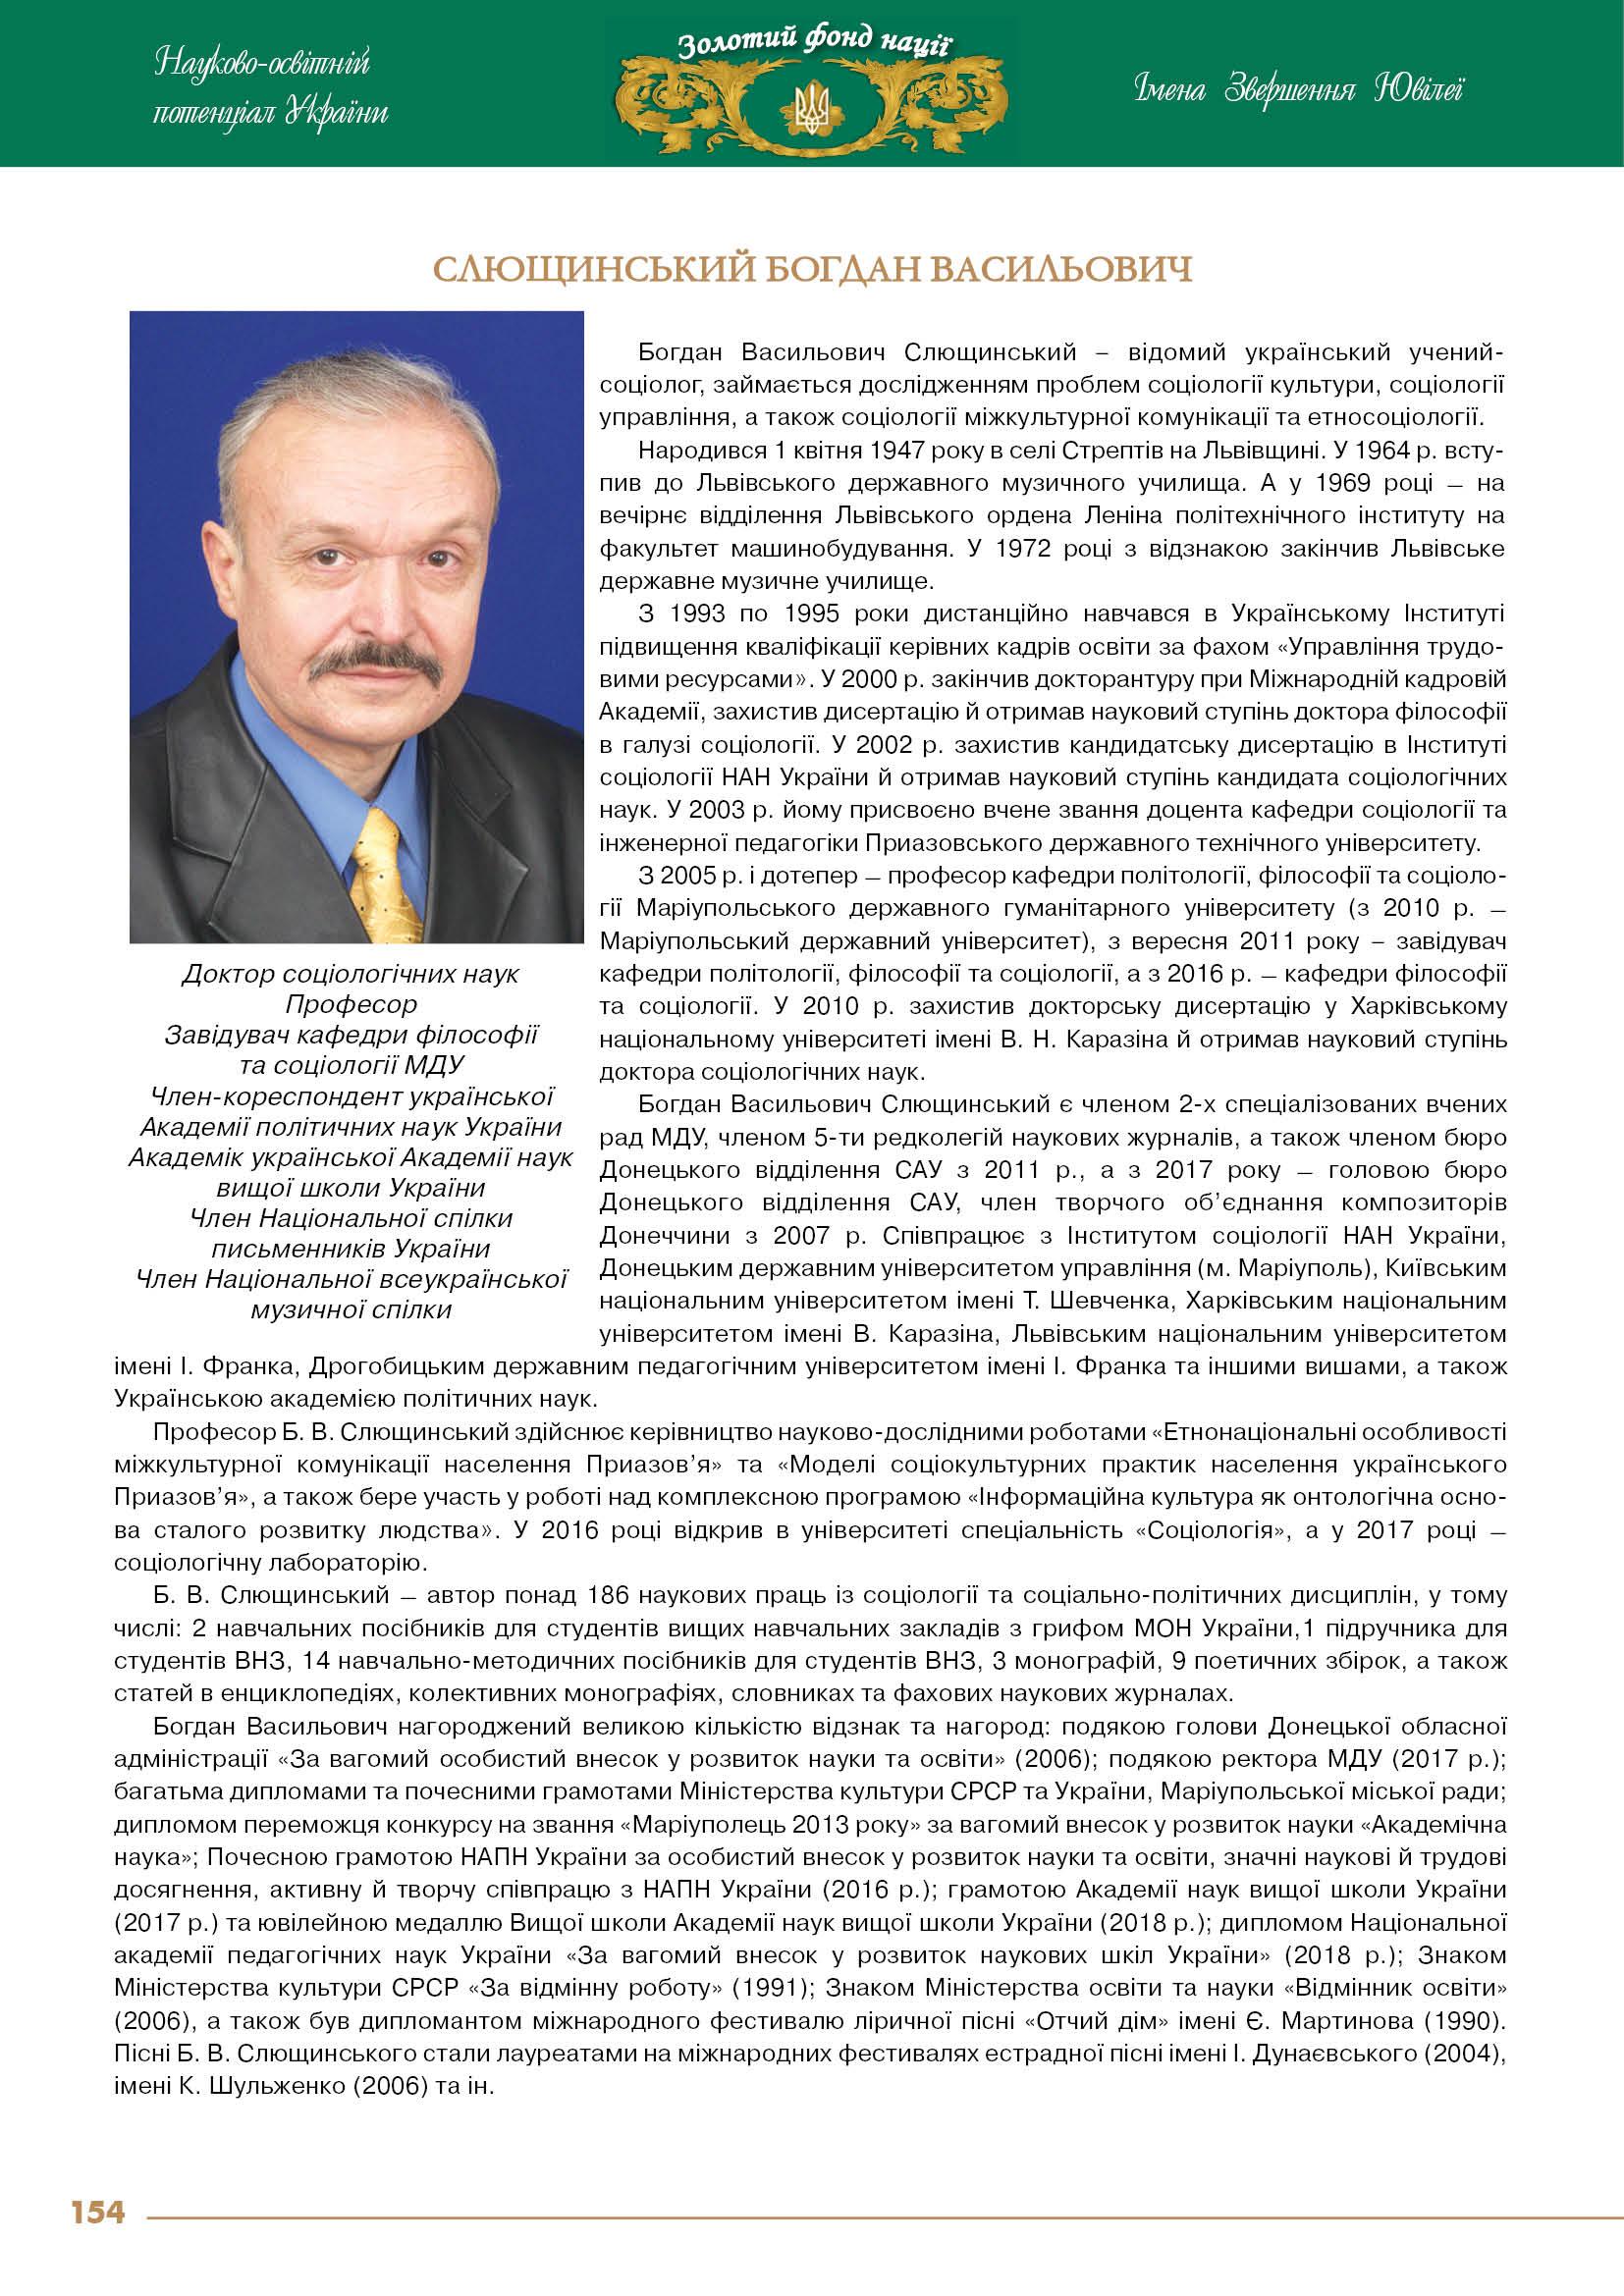 Слющинський Богдан Васильович